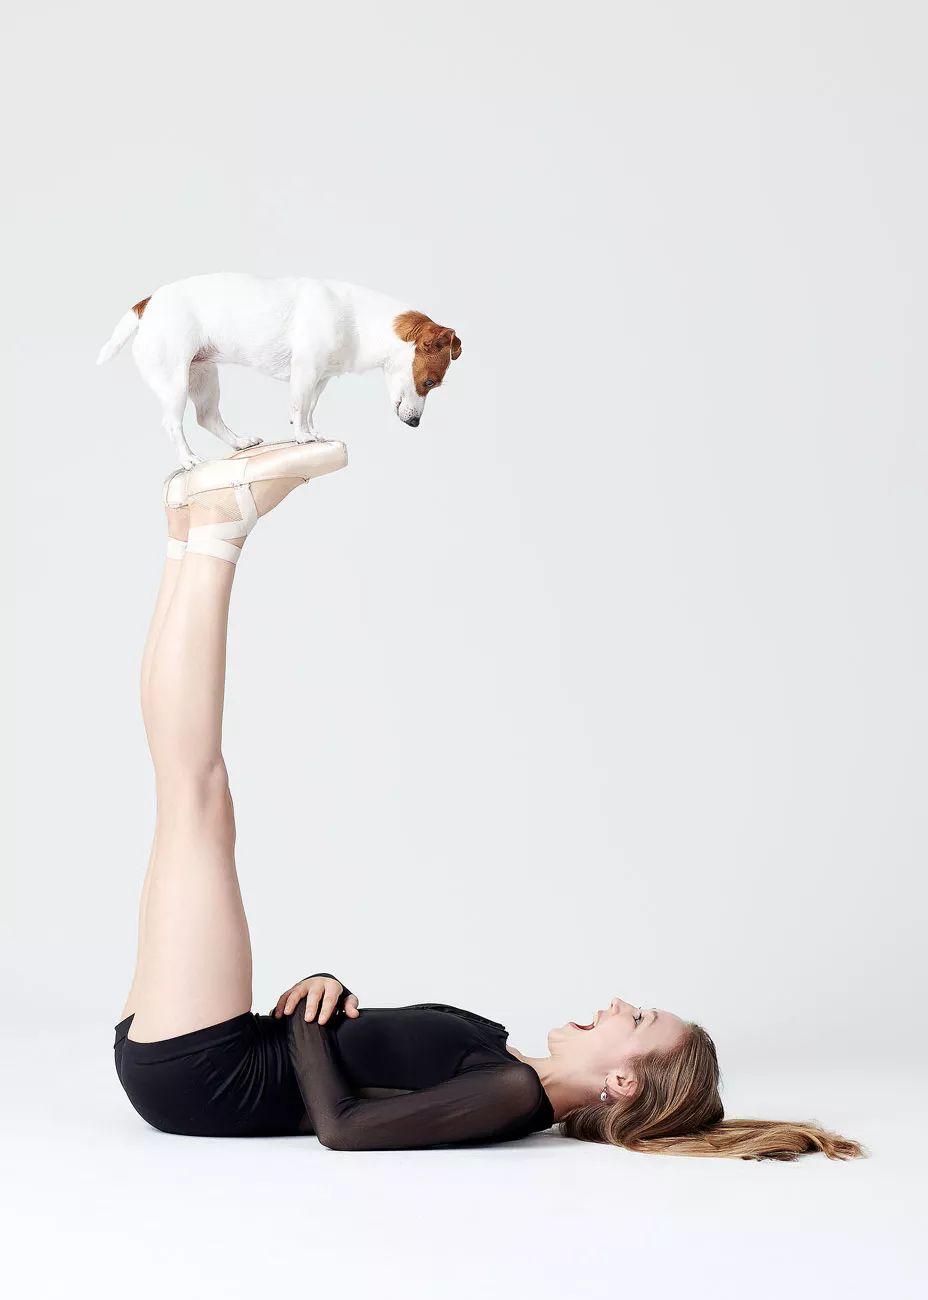 宠物-与狗狗共舞的芭蕾舞者(13)